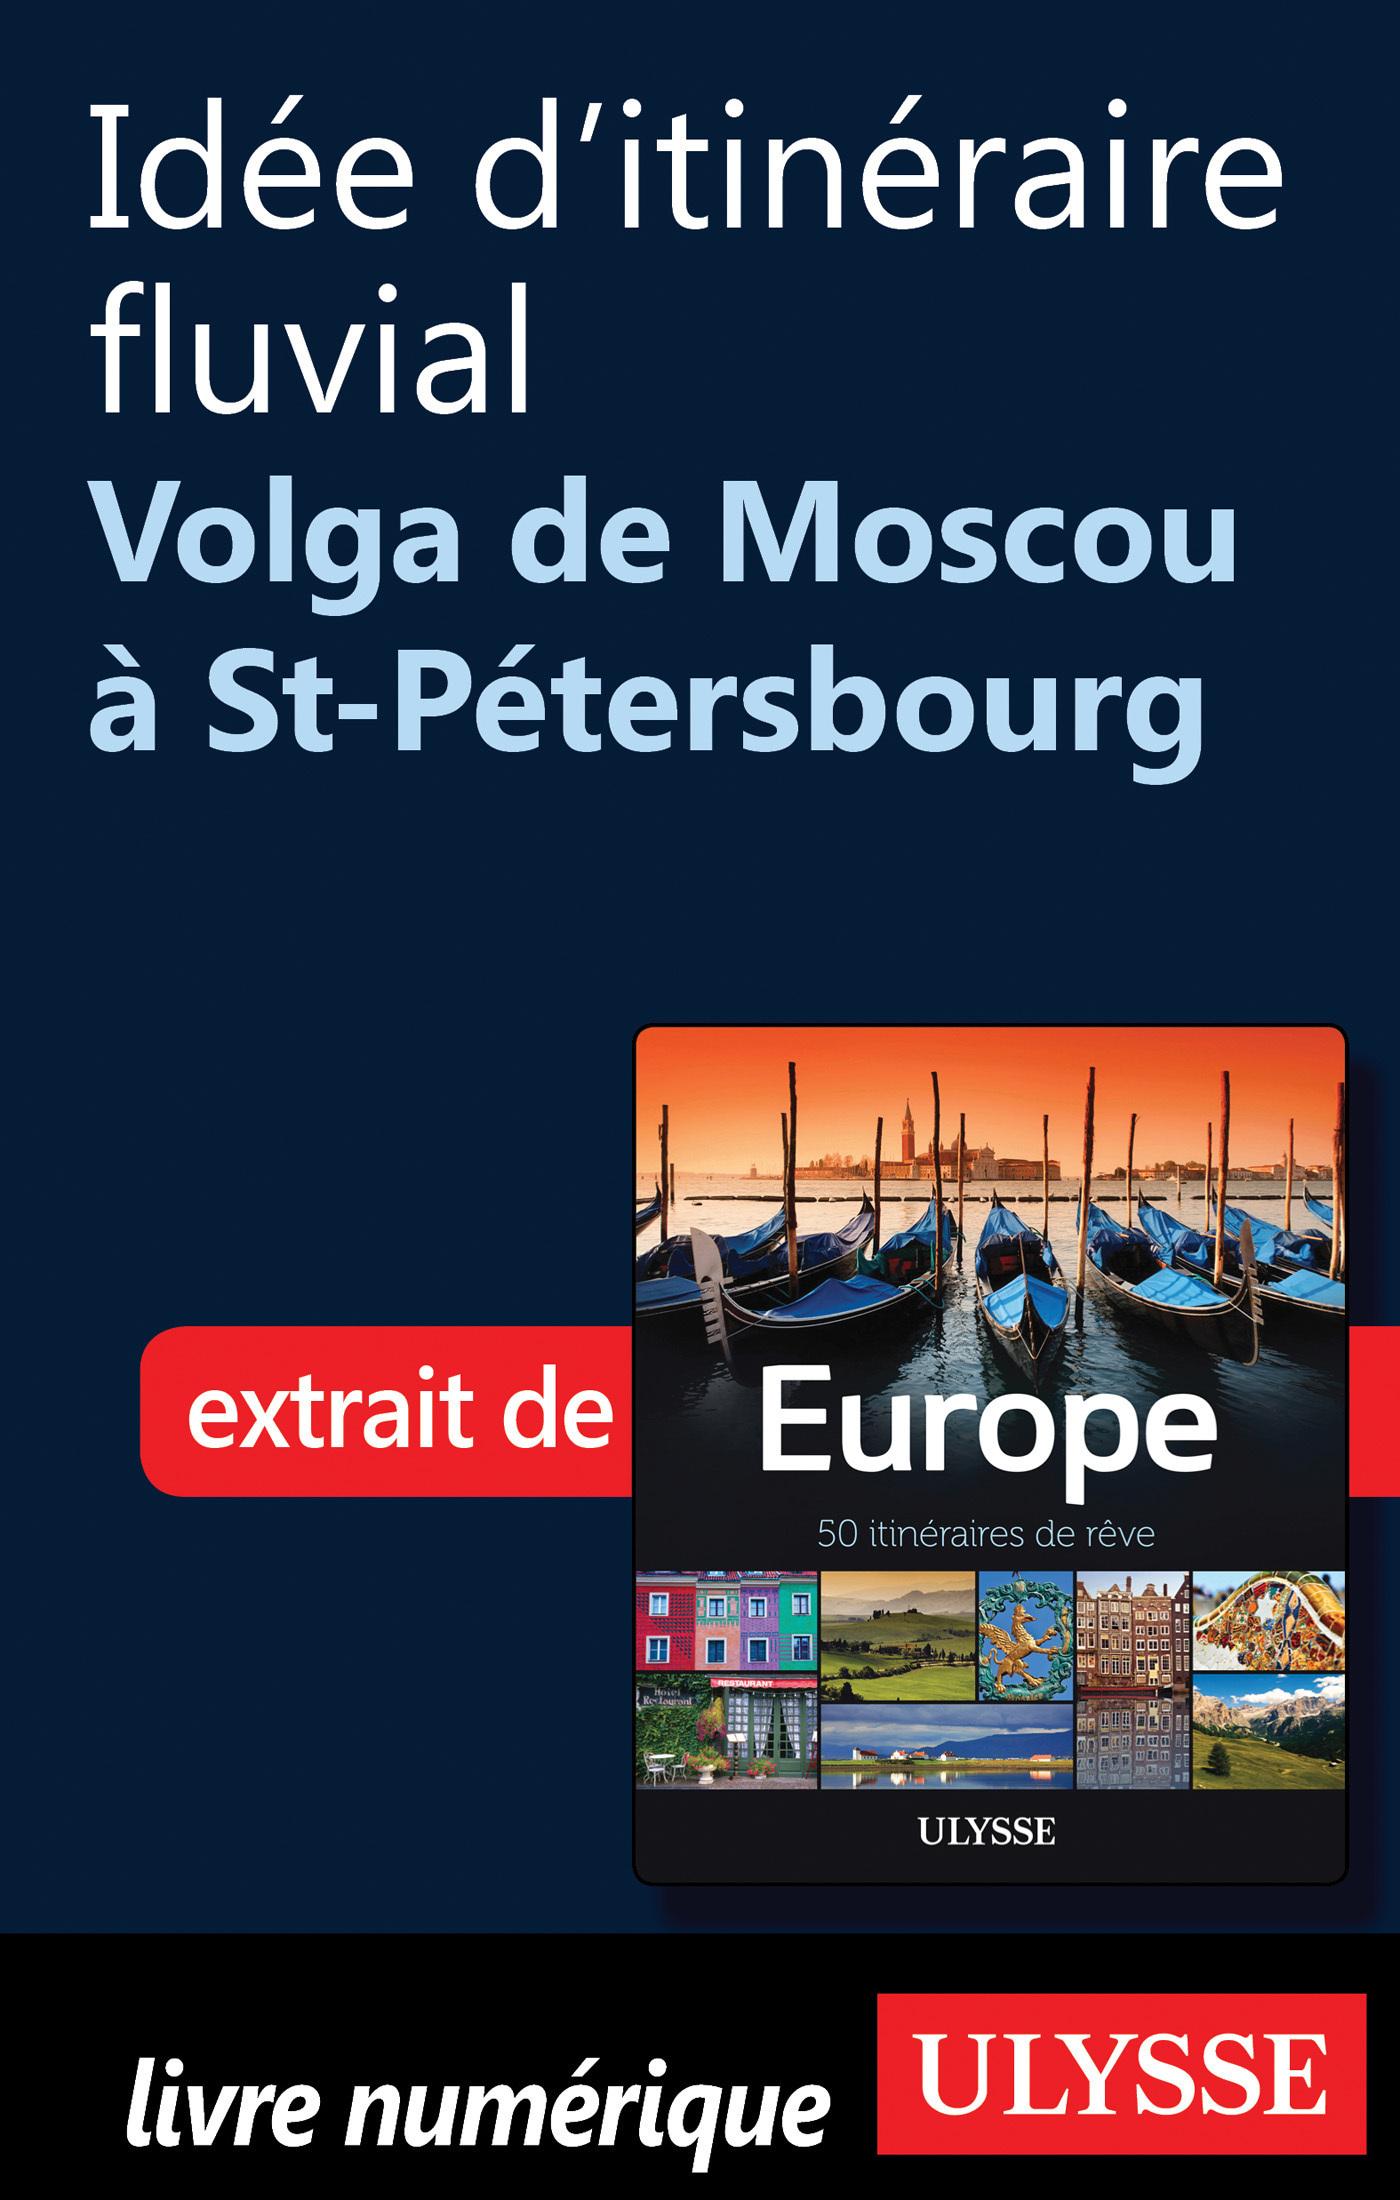 Idée d'itinéraire fluvial - La Volga de Moscou à St-Pétersbourg